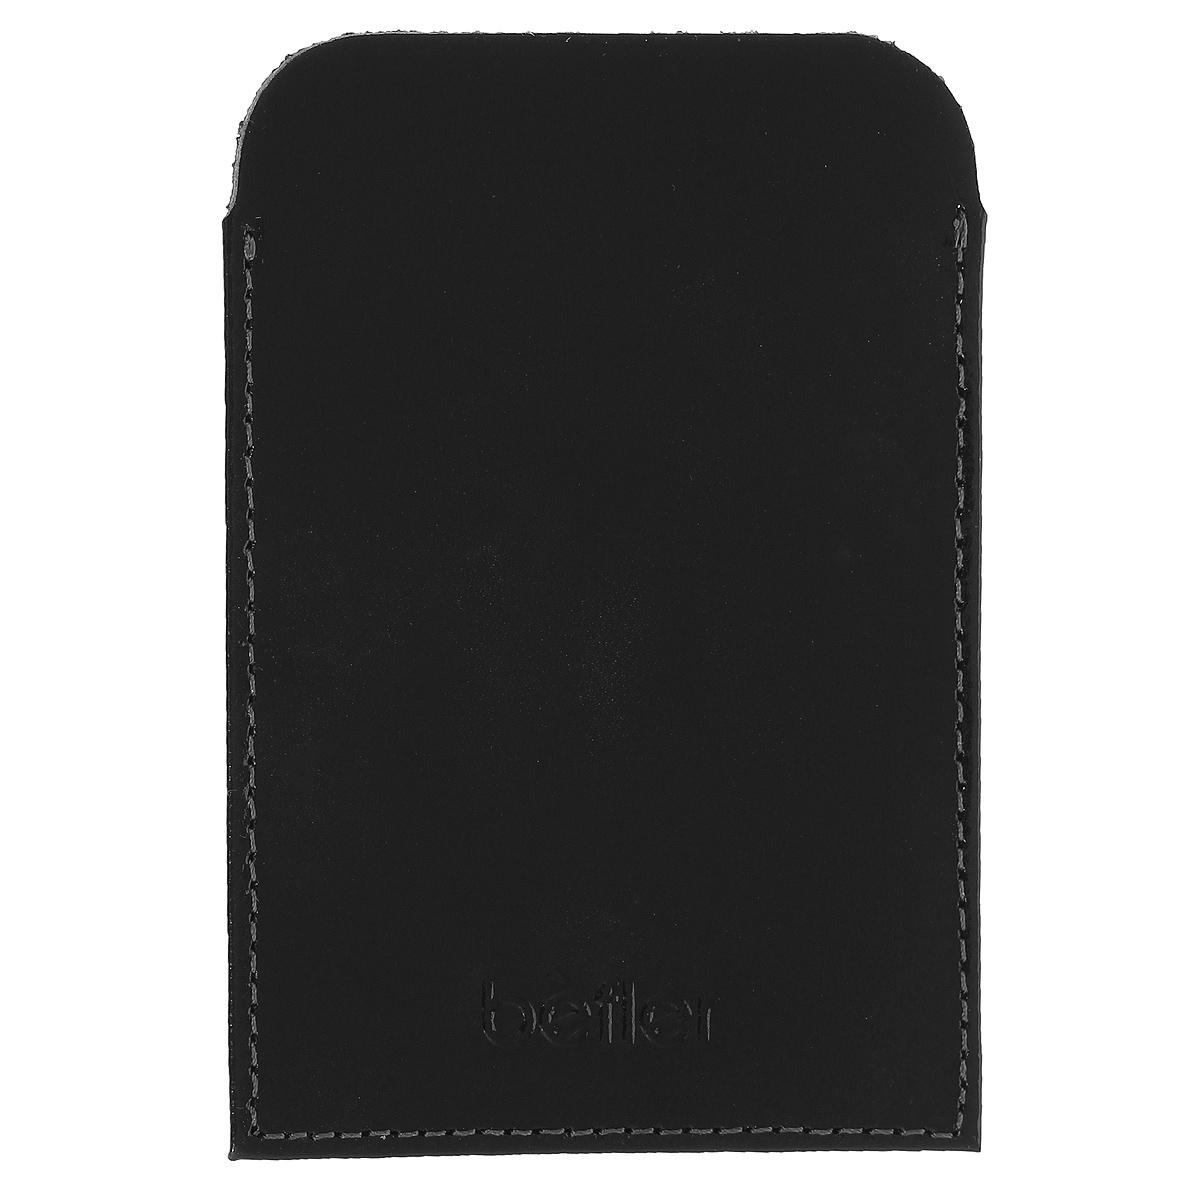 Обложка для удостоверения Befler Classic, цвет: черный. F.20.-1F.20.-1.blackОбложка для удостоверения Befler Classic выполнена из натуральной кожи, с внутренней стороны - пластиковый карман с выемкой. Также может быть предназначена для проездного билета метрополитена или кредитной карты.